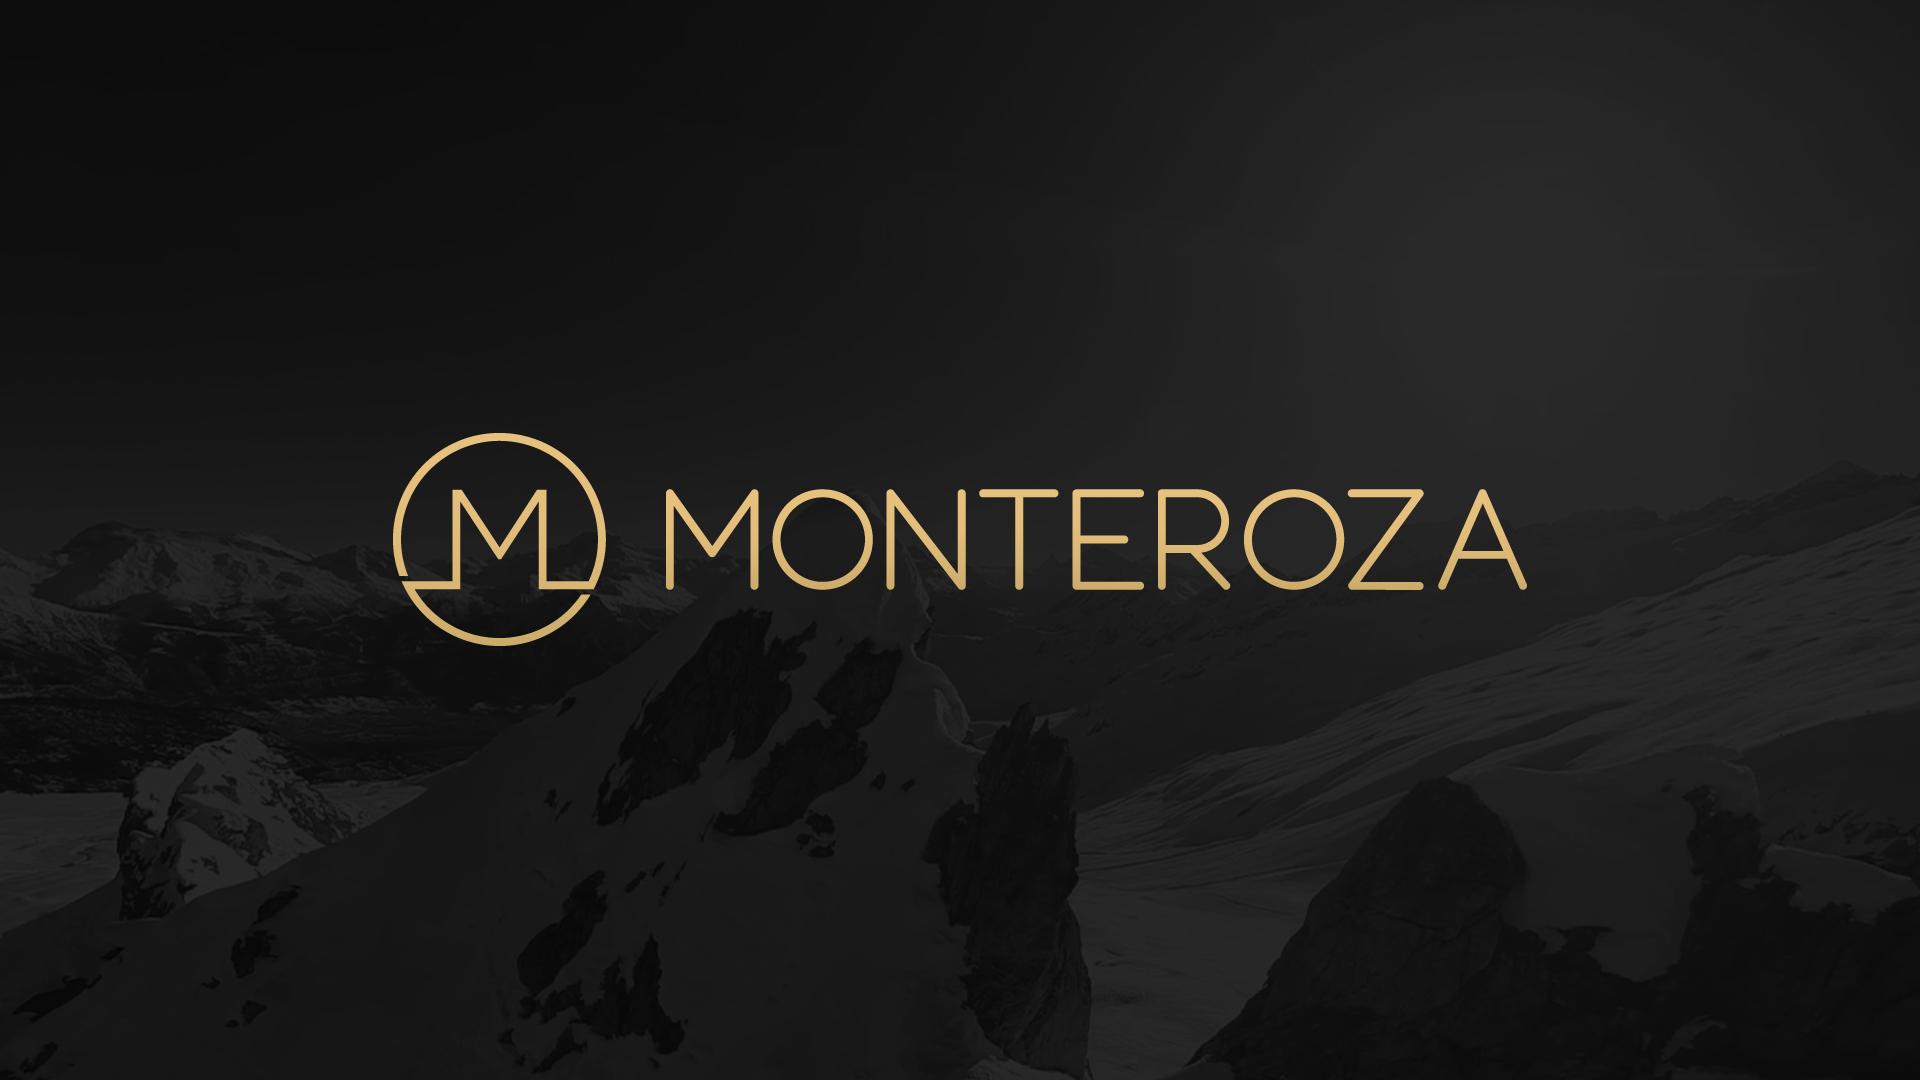 Monteroza AS